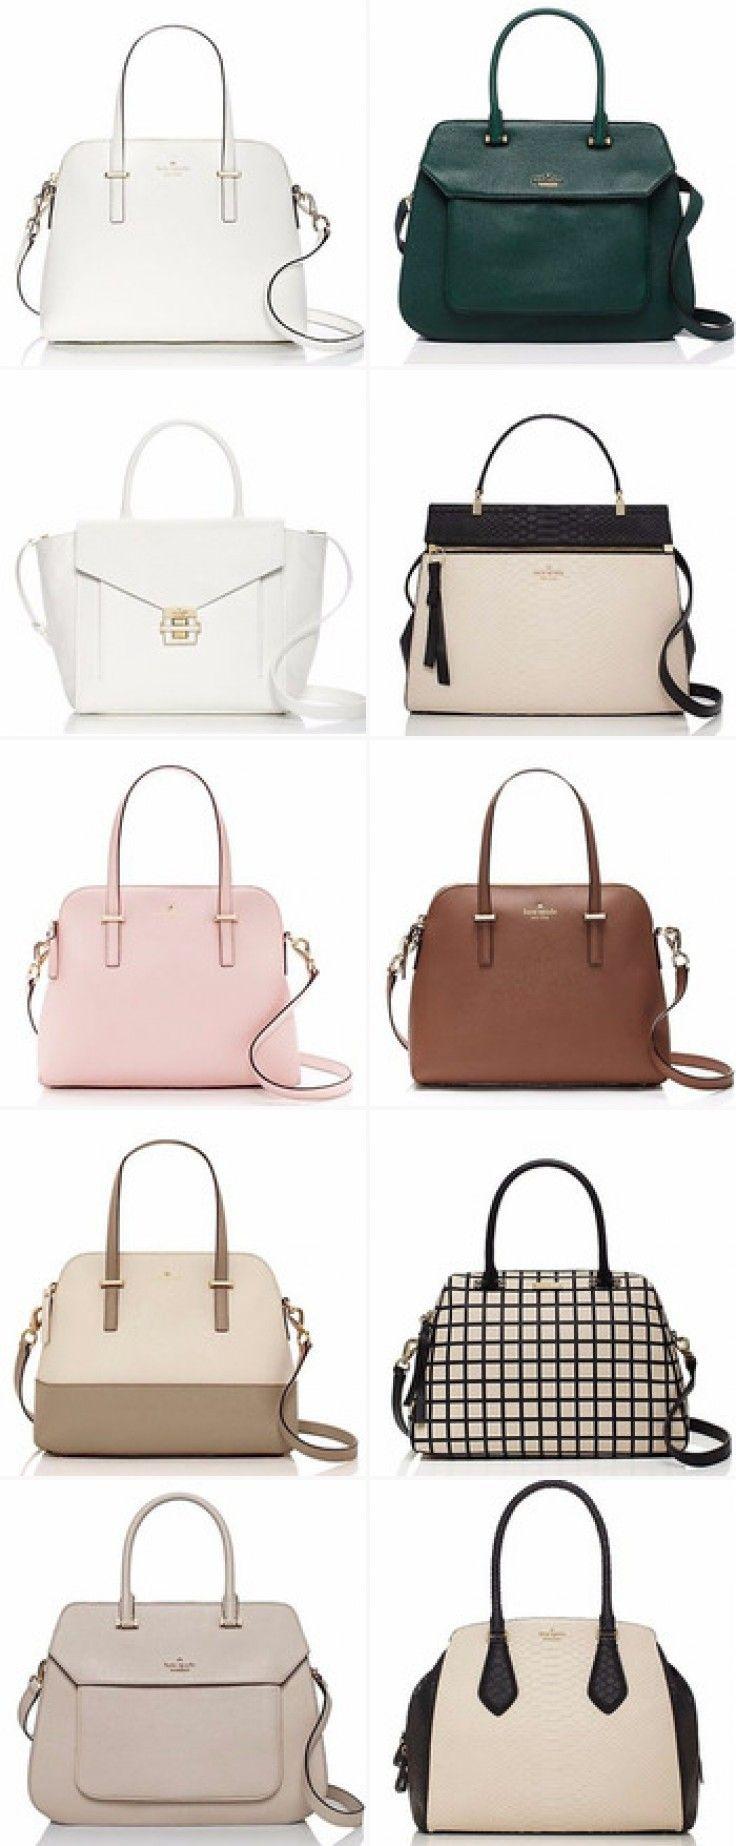 Serie de bolsos #Bags #Accesorios